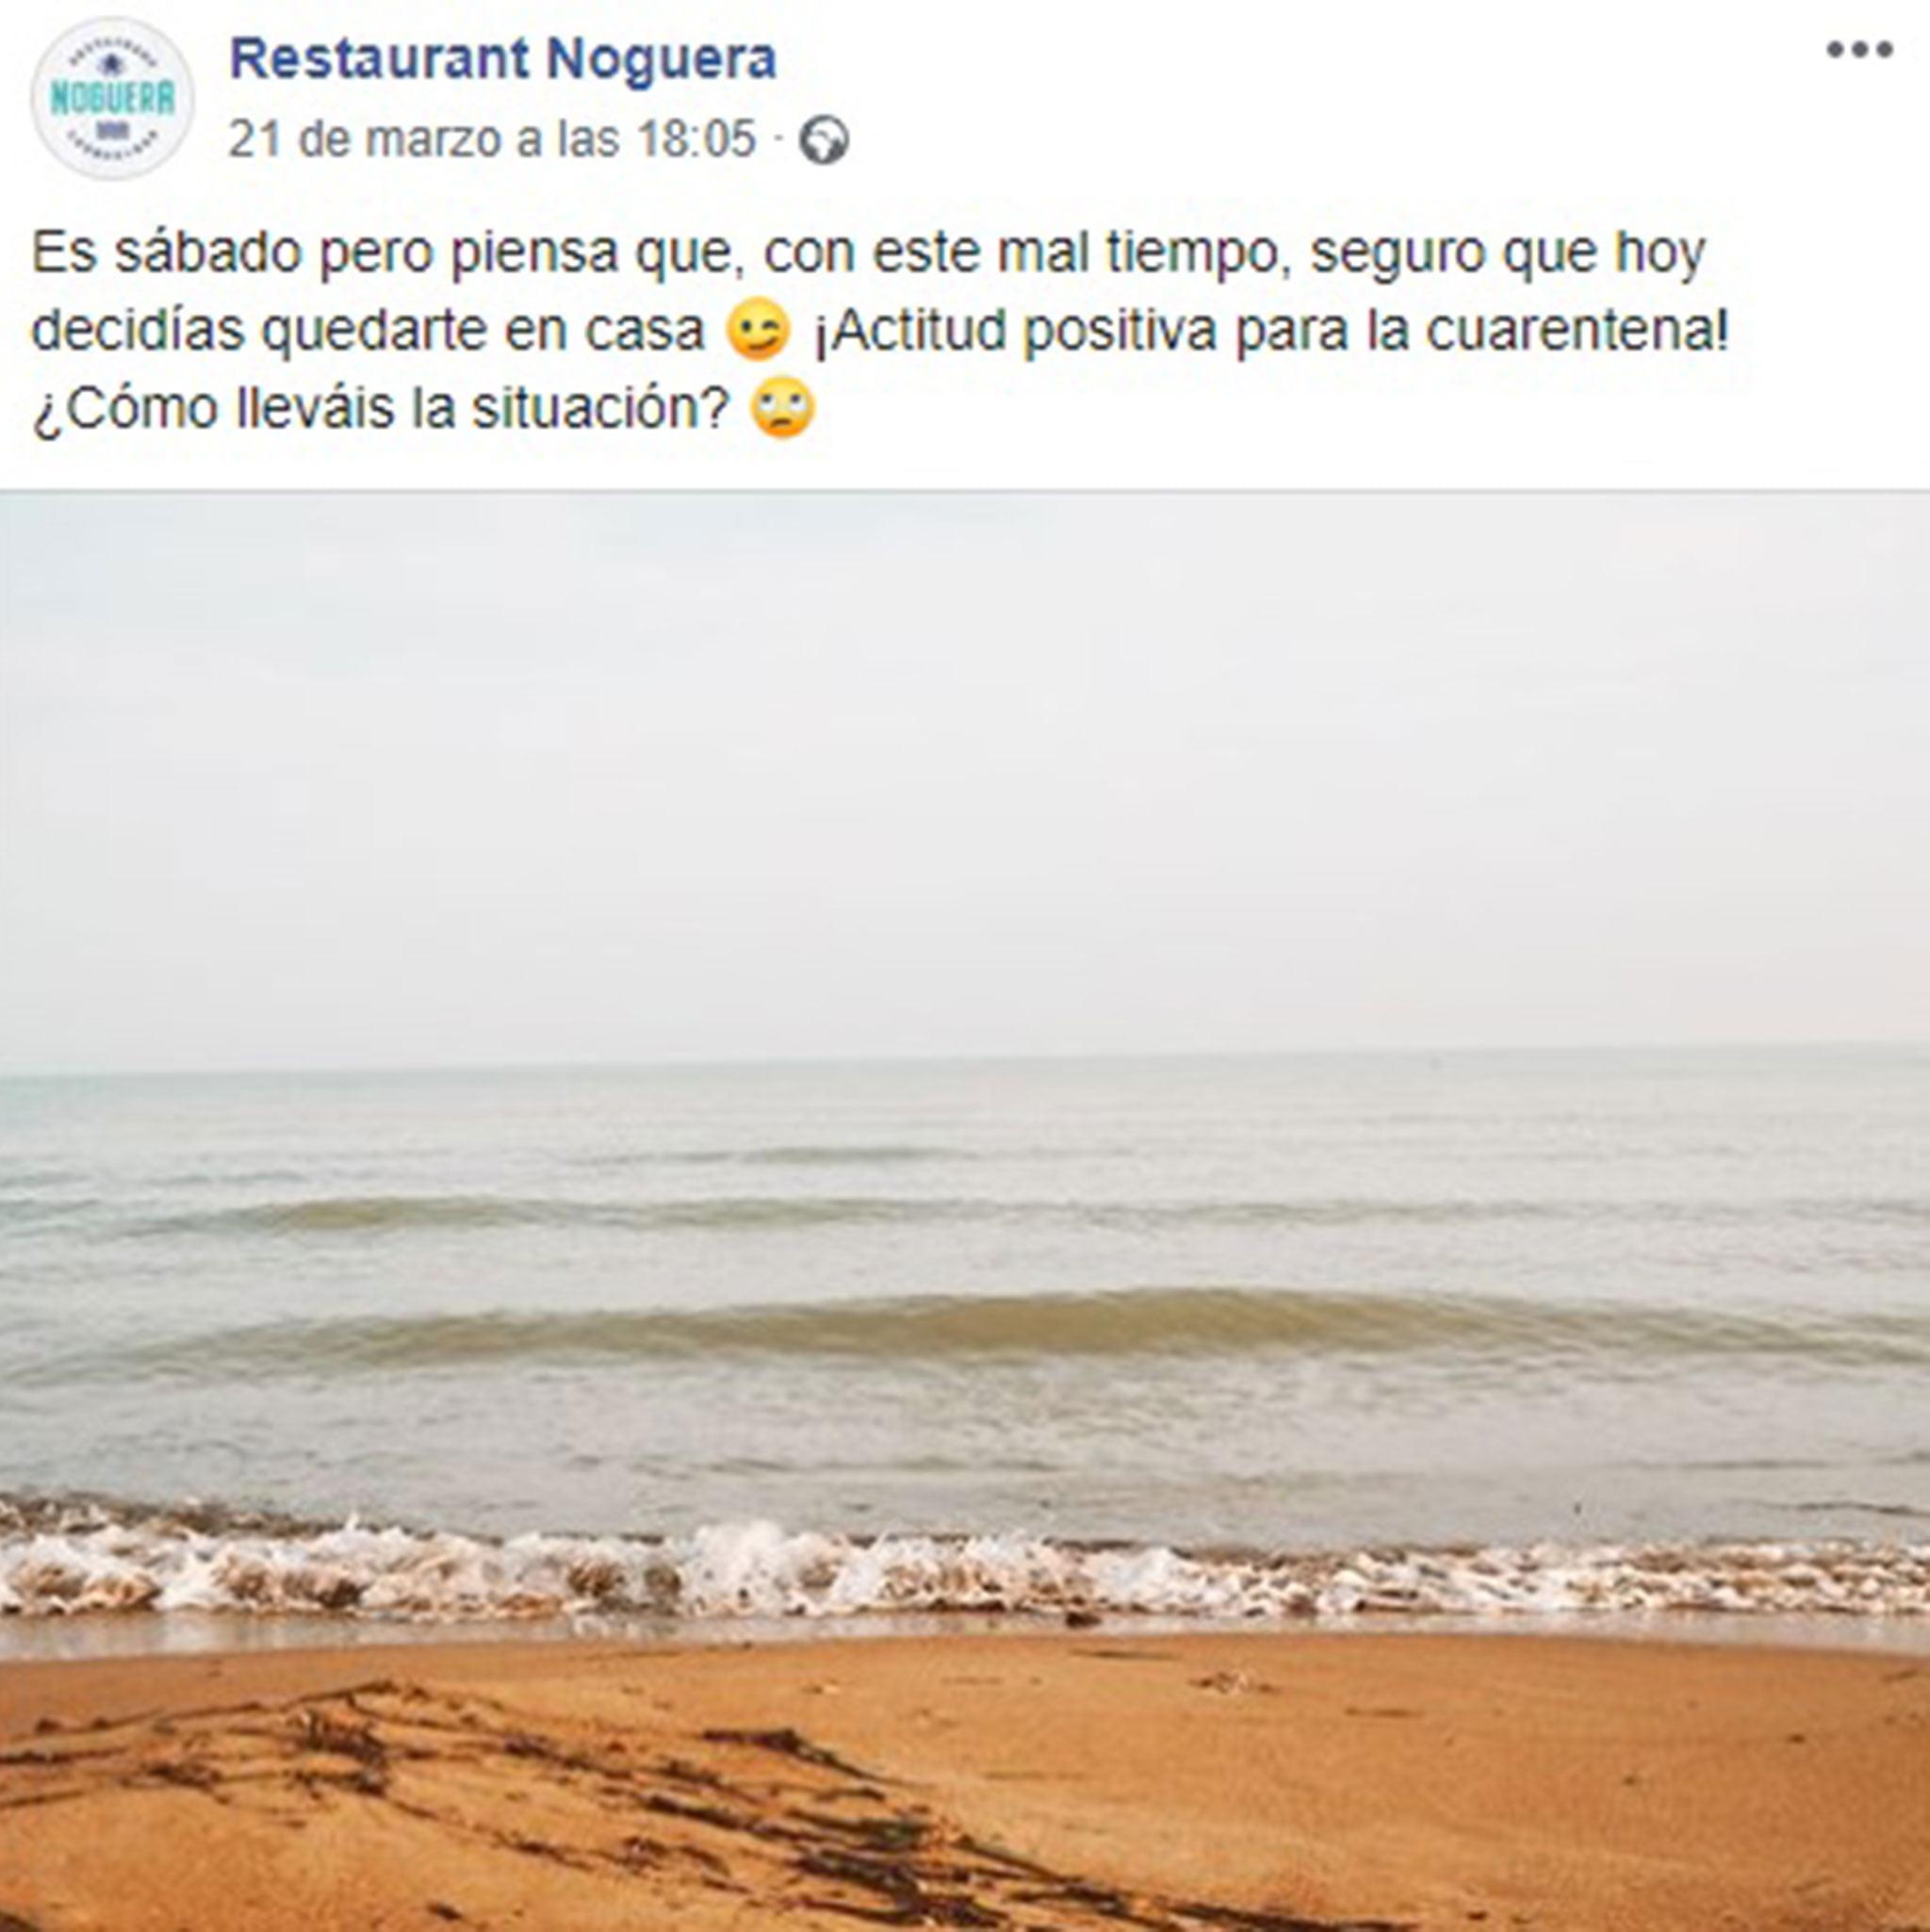 Позитивные сообщения и хорошее настроение: ресторан Noguera наполняет их сети ими